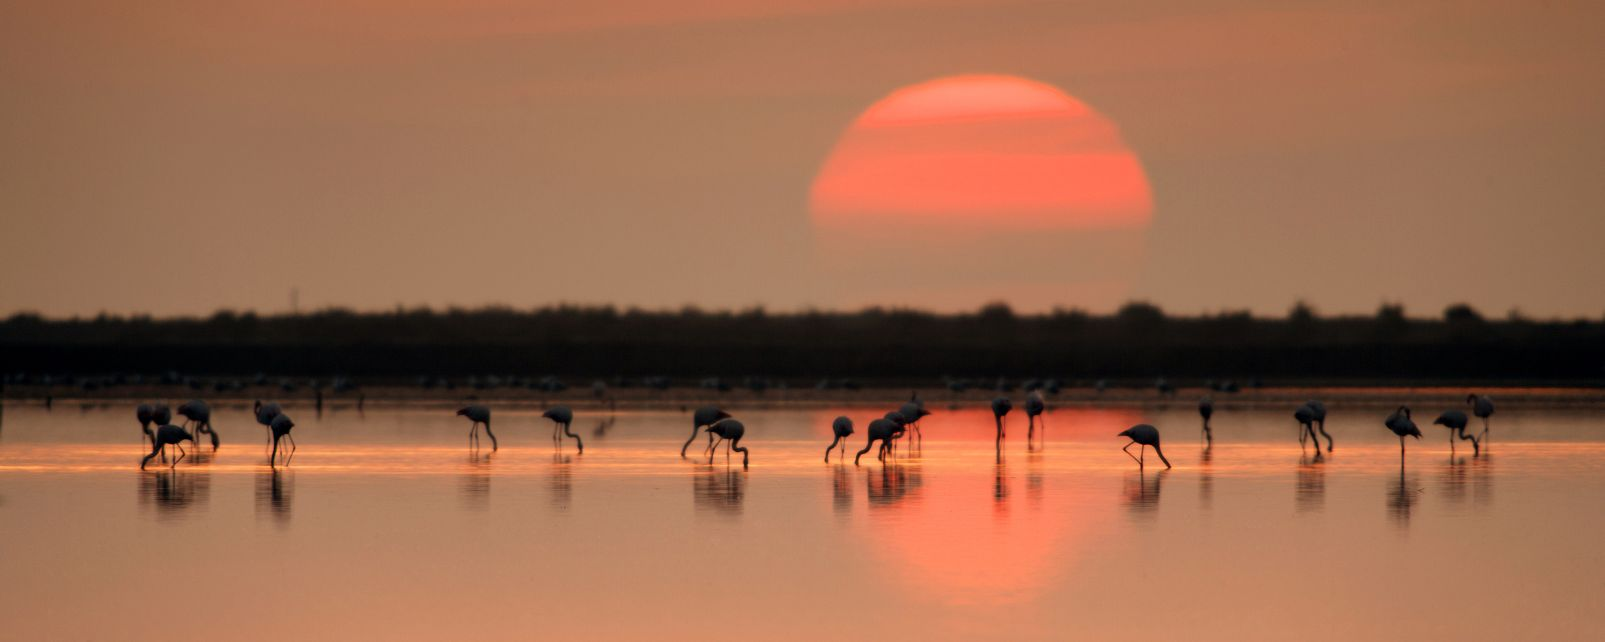 Les paysages, delta, èbre, catalogne, biosphère, espagne, oiseau, faune, animal, flamand